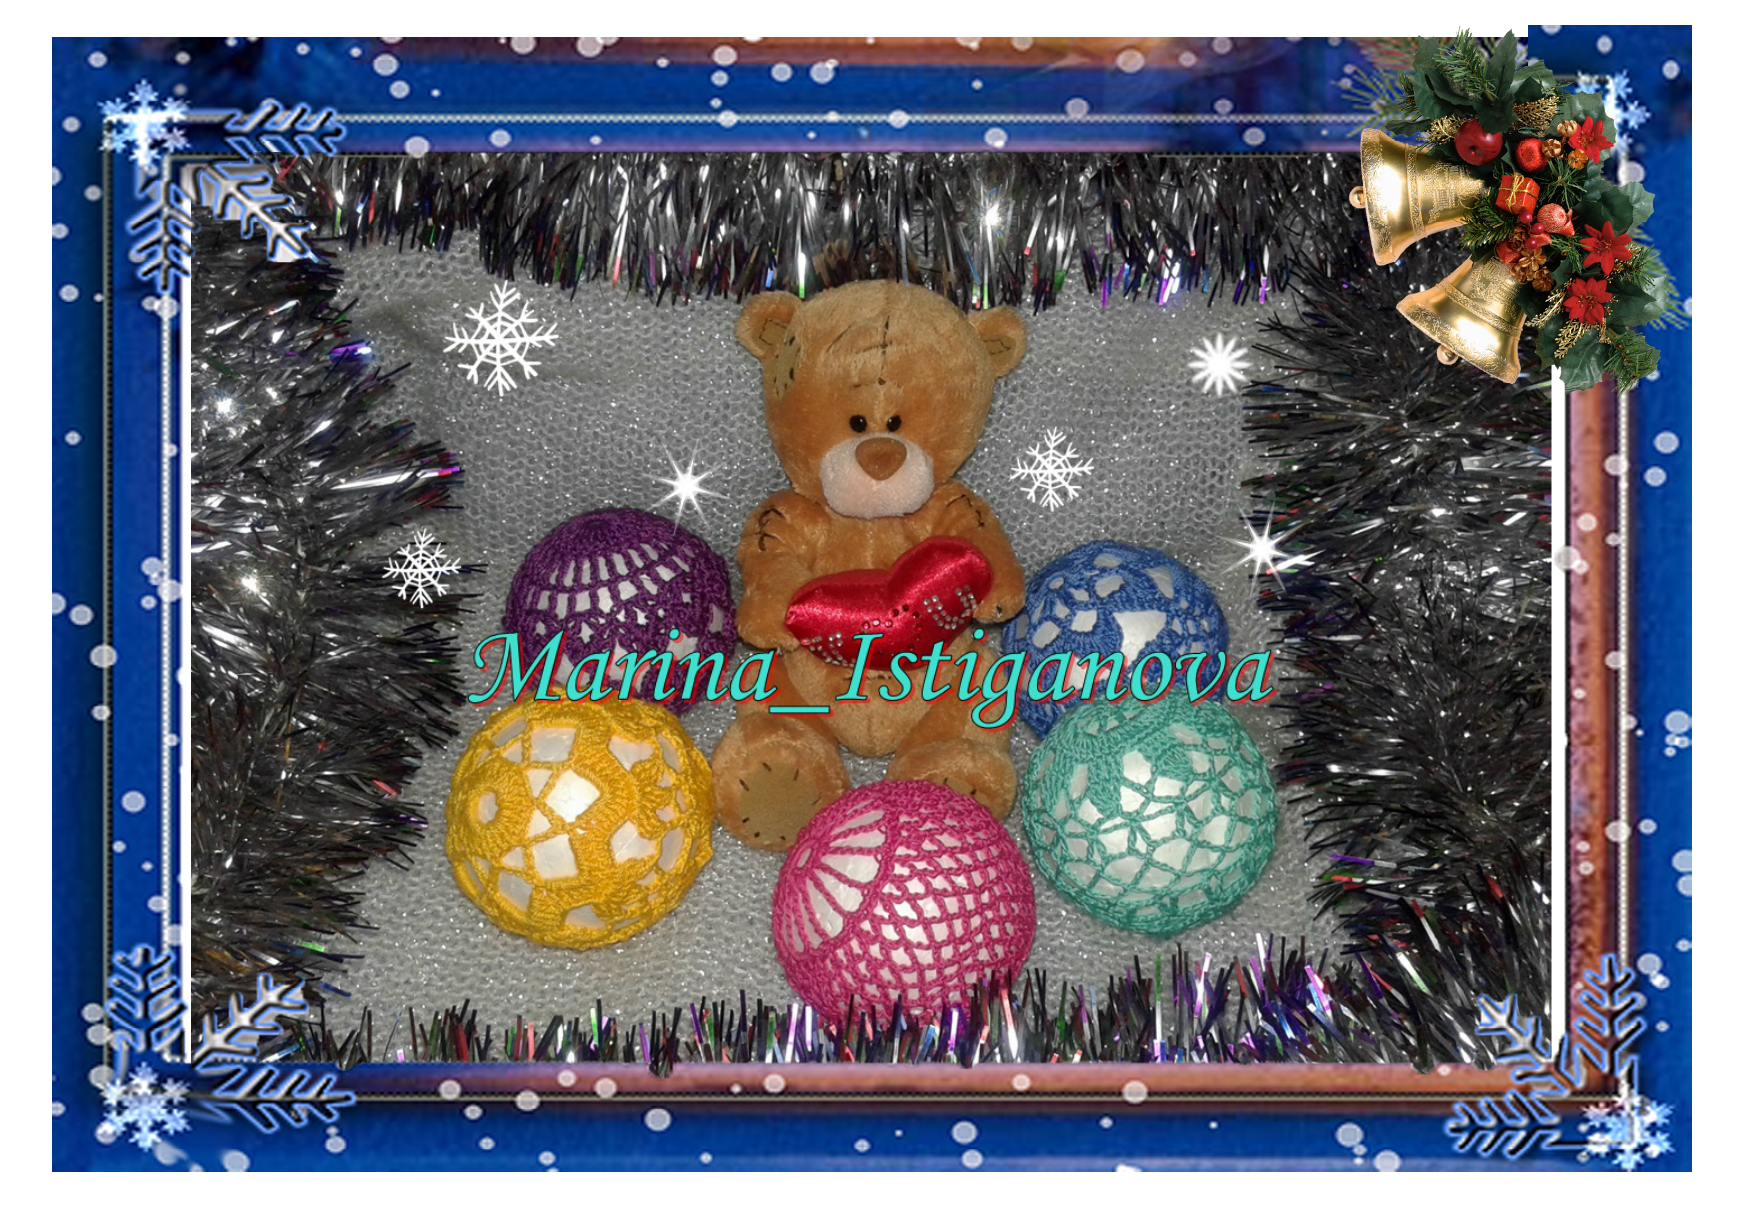 Картинки смотреть, открытки 2016 год новый год елка шарики хлопушки